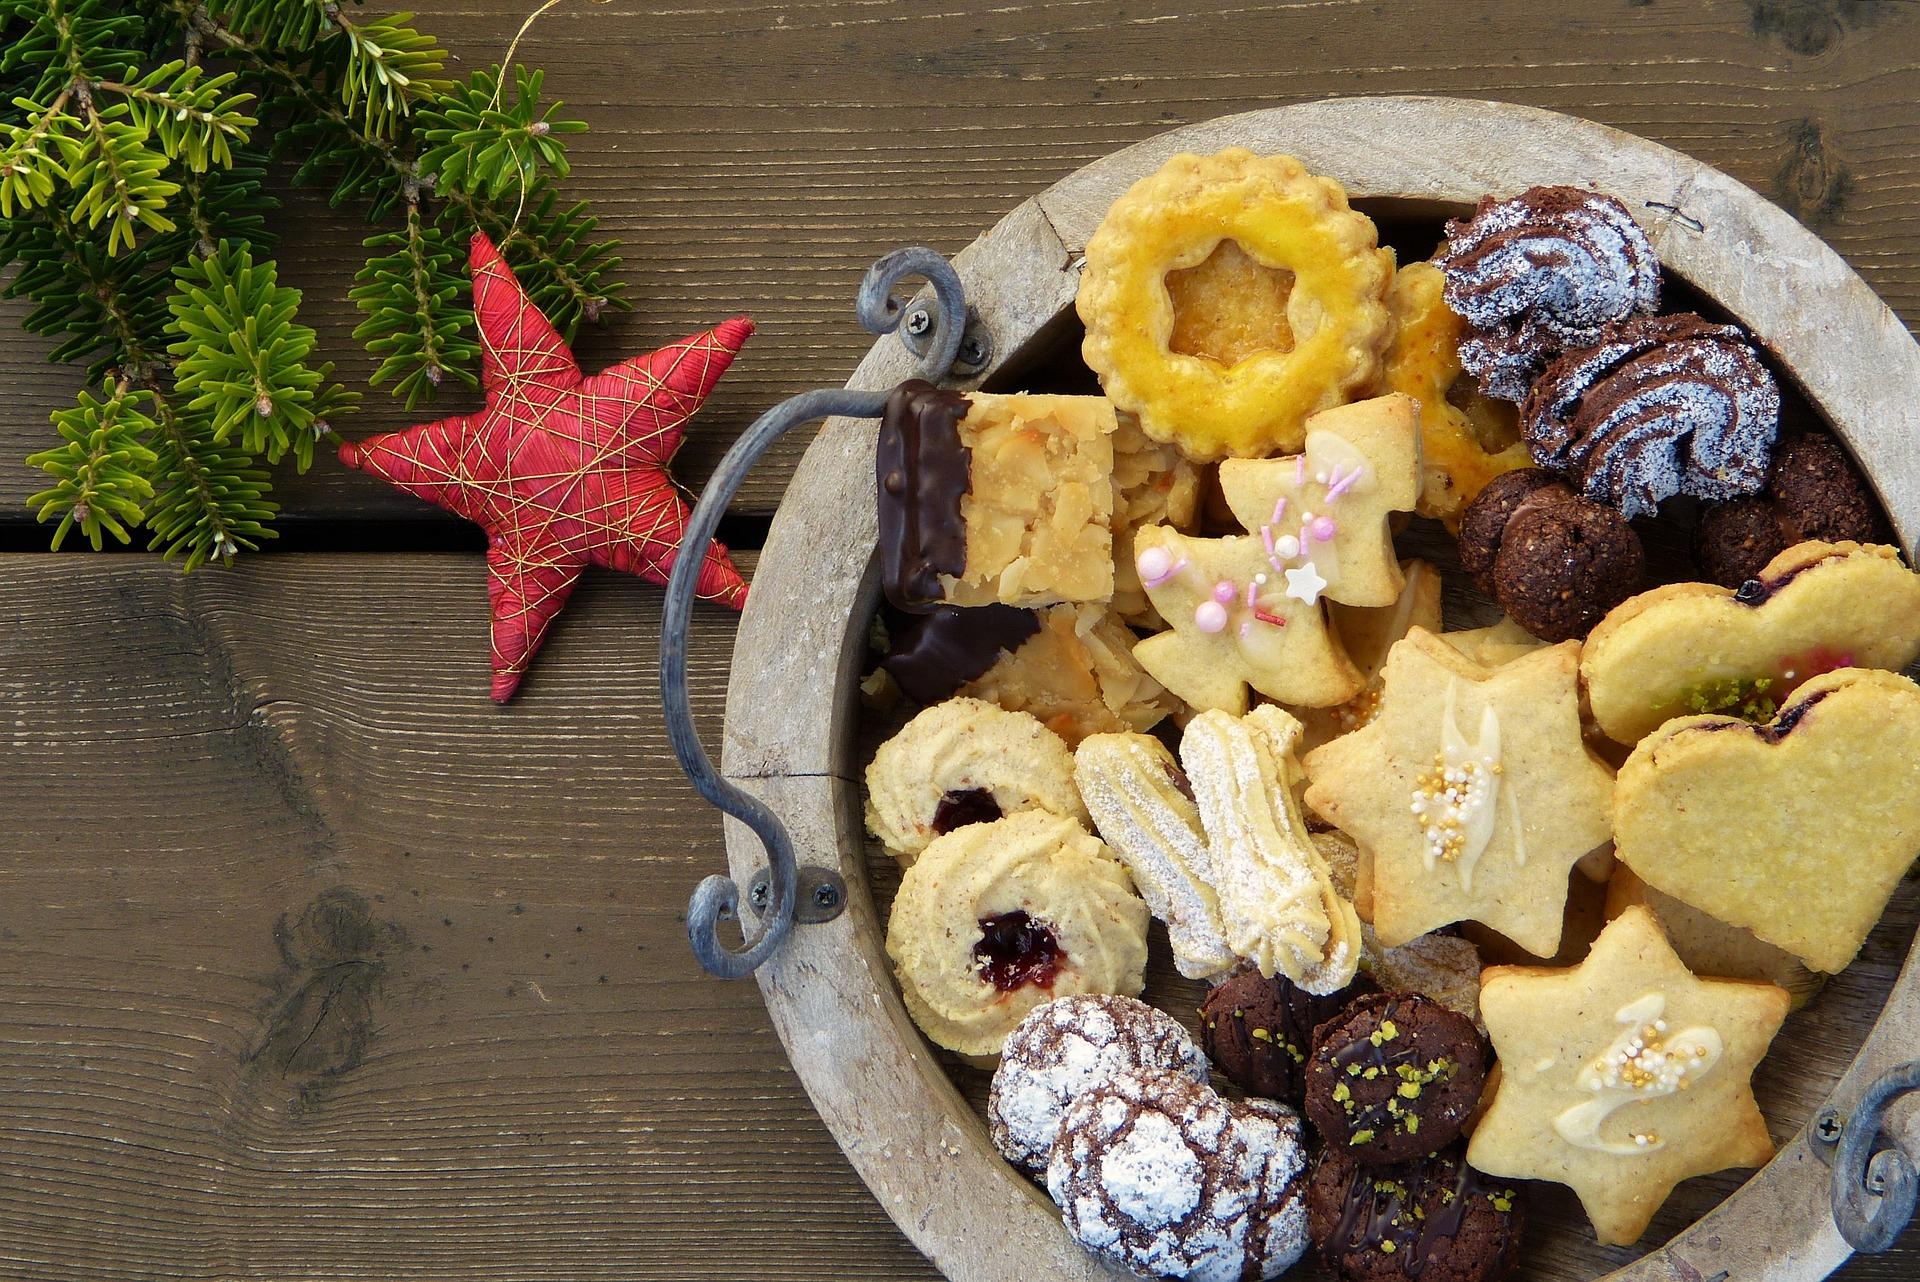 christmas-cookies-2975570_1920.jpg